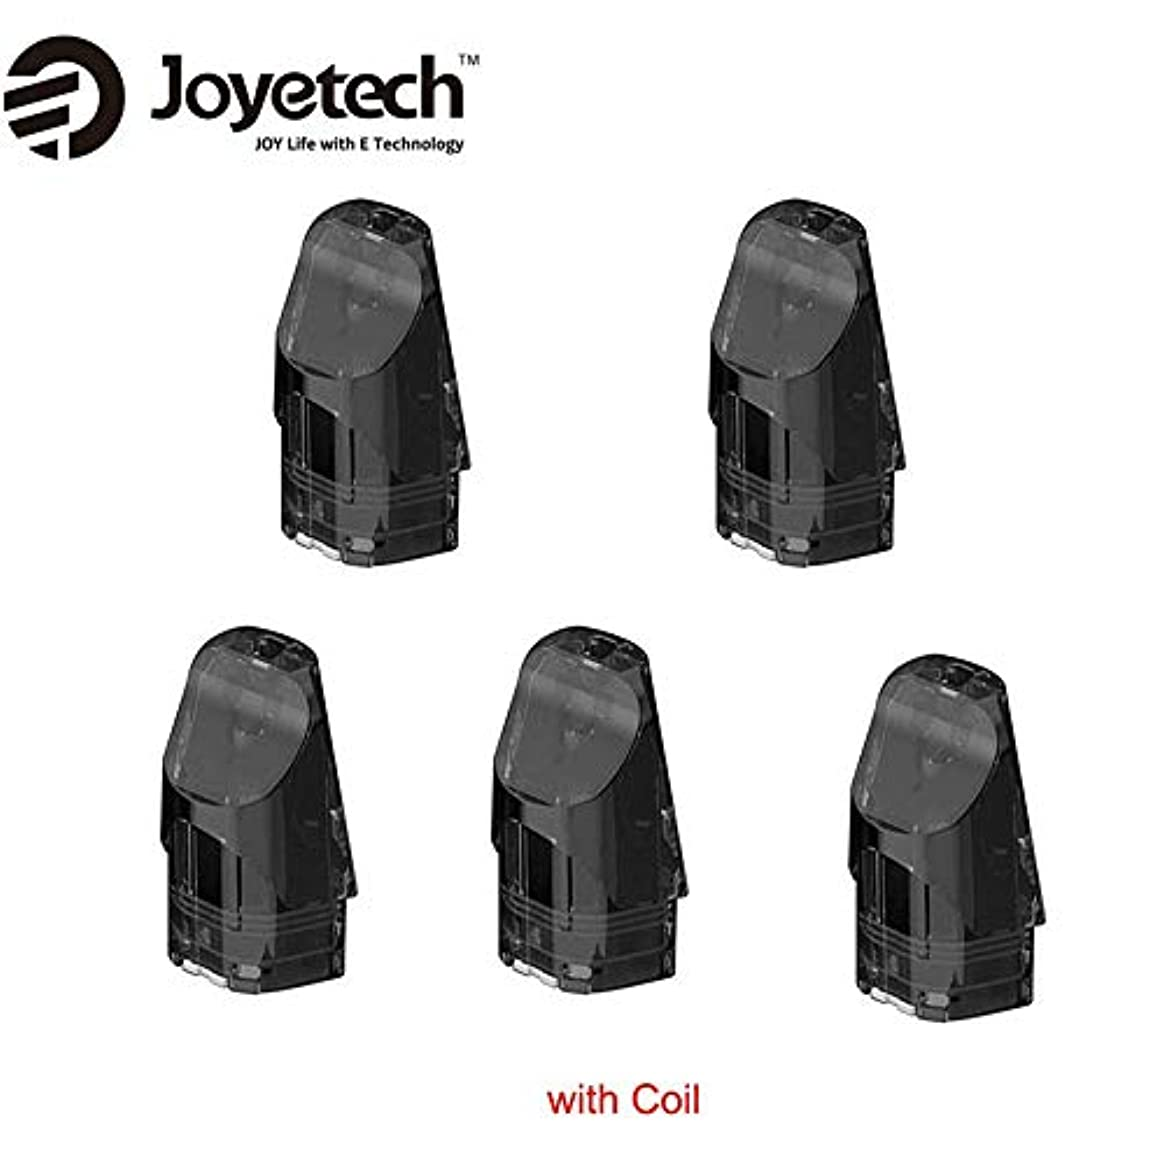 メタリック標高ジャニス正規品Joyetech Exceed Edge Podカートリッジ 2ml 内蔵1.2ohmコイル 5個セット 1パック